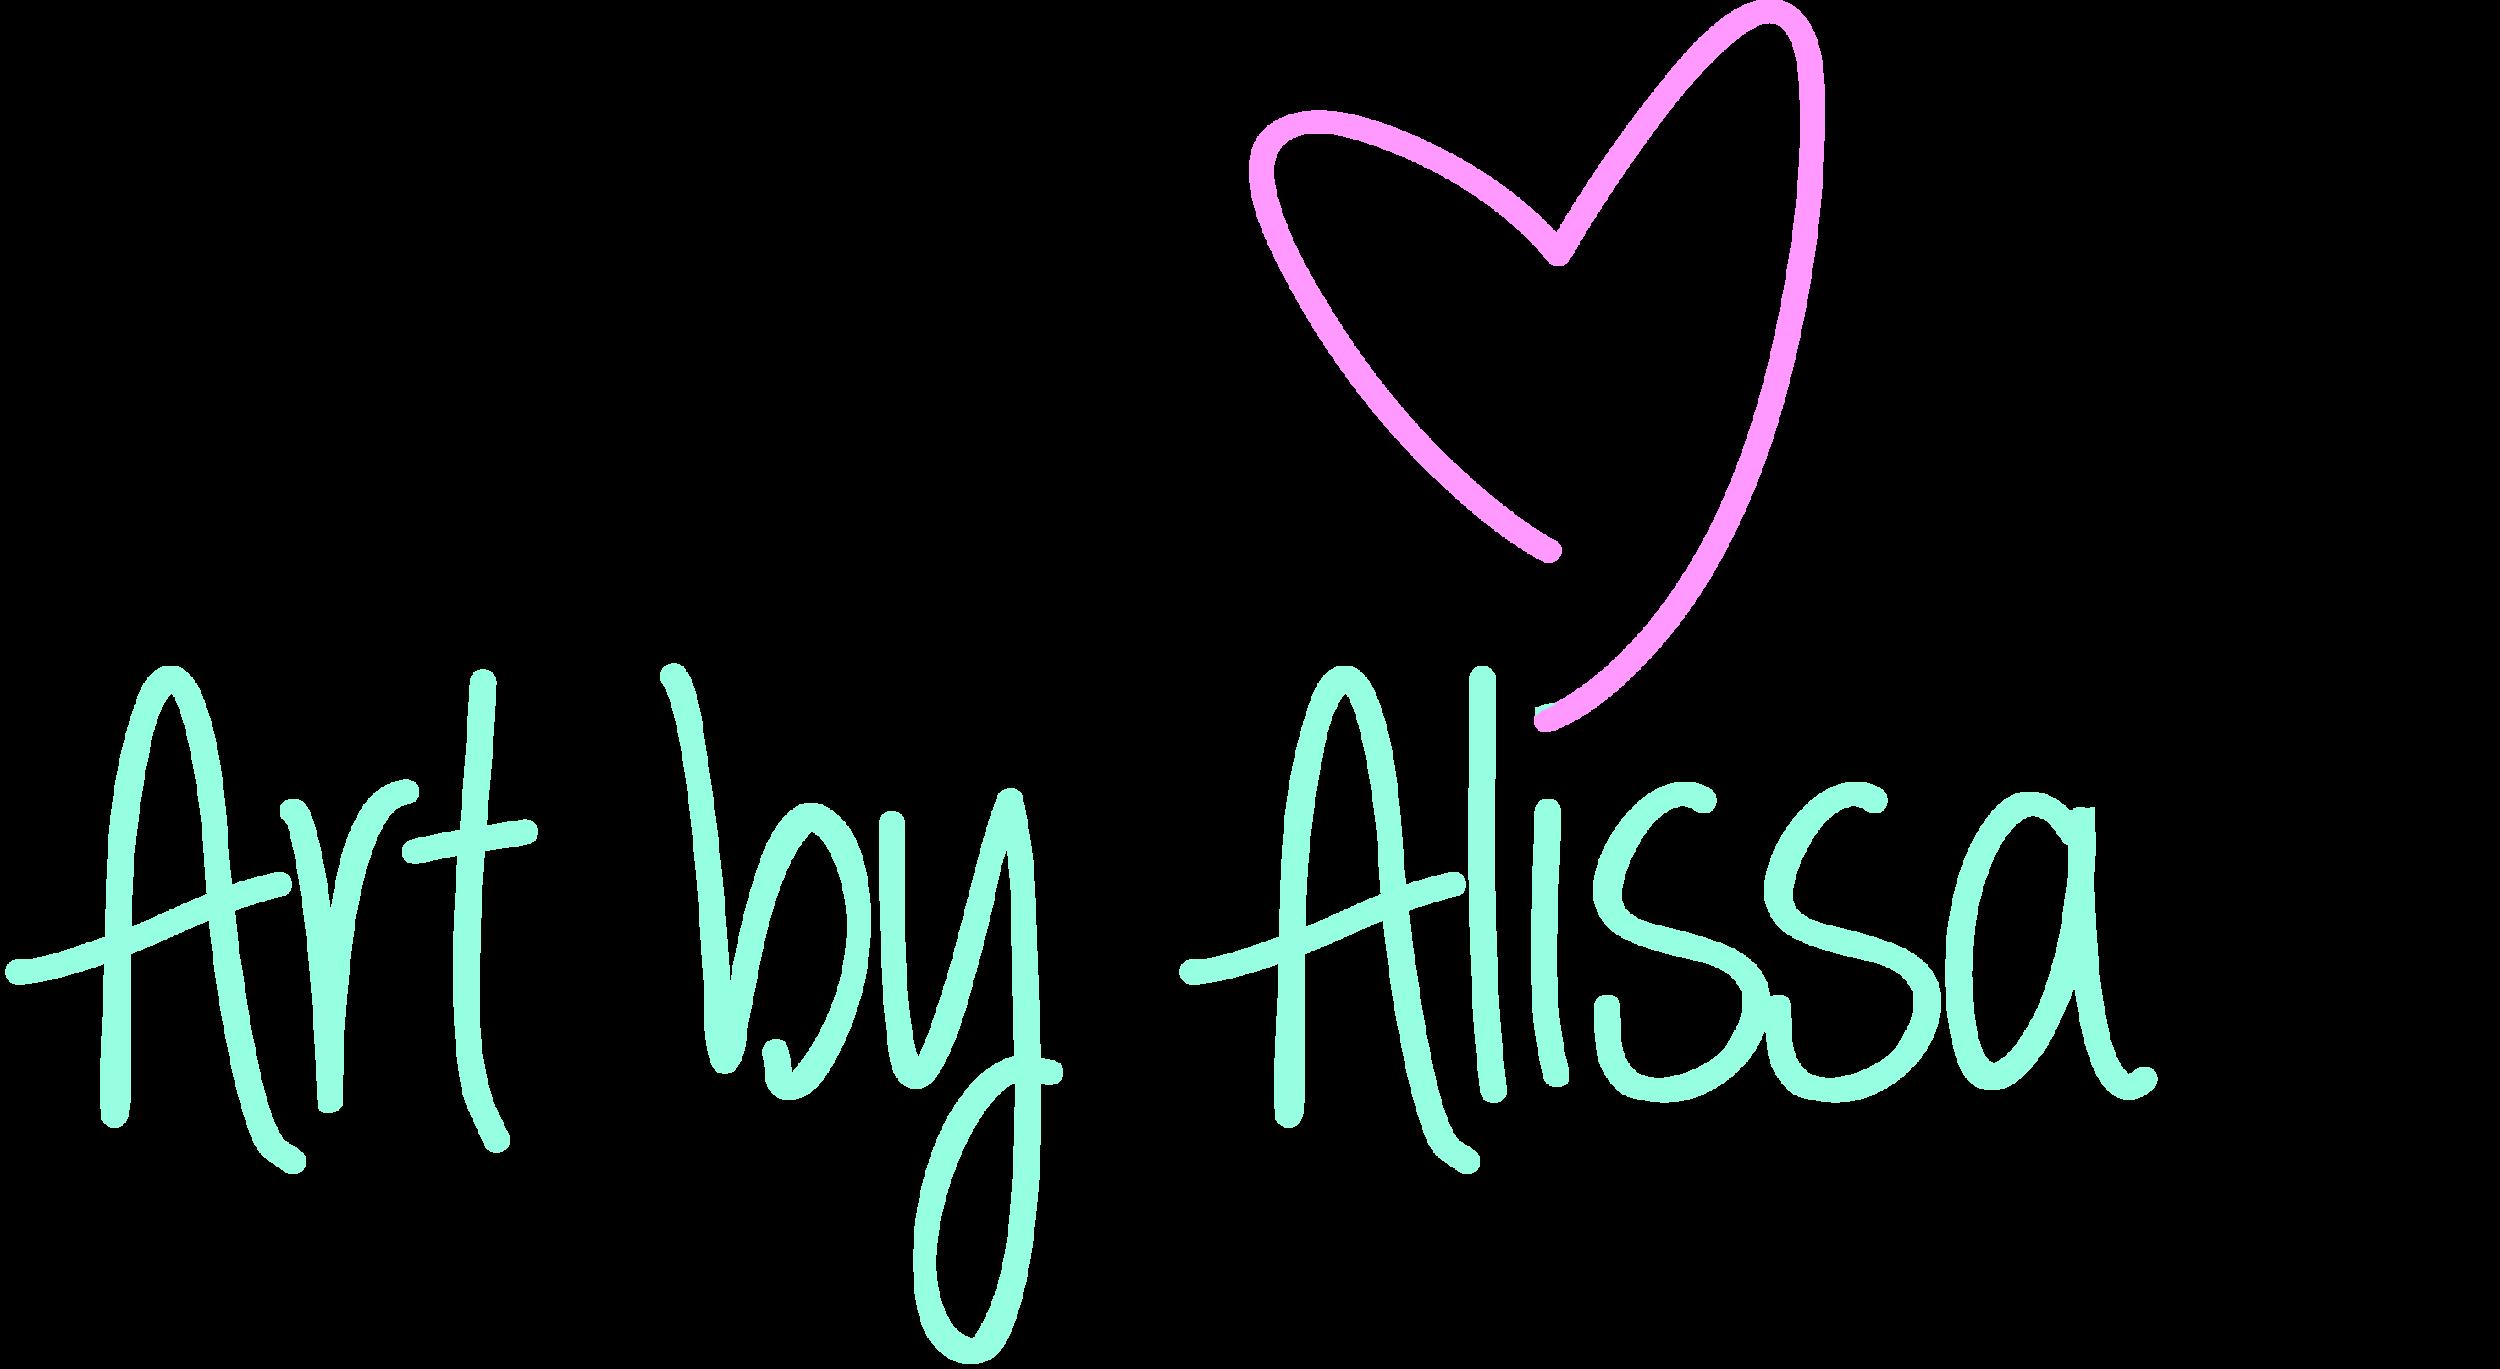 artbyalissa_logo_01.png